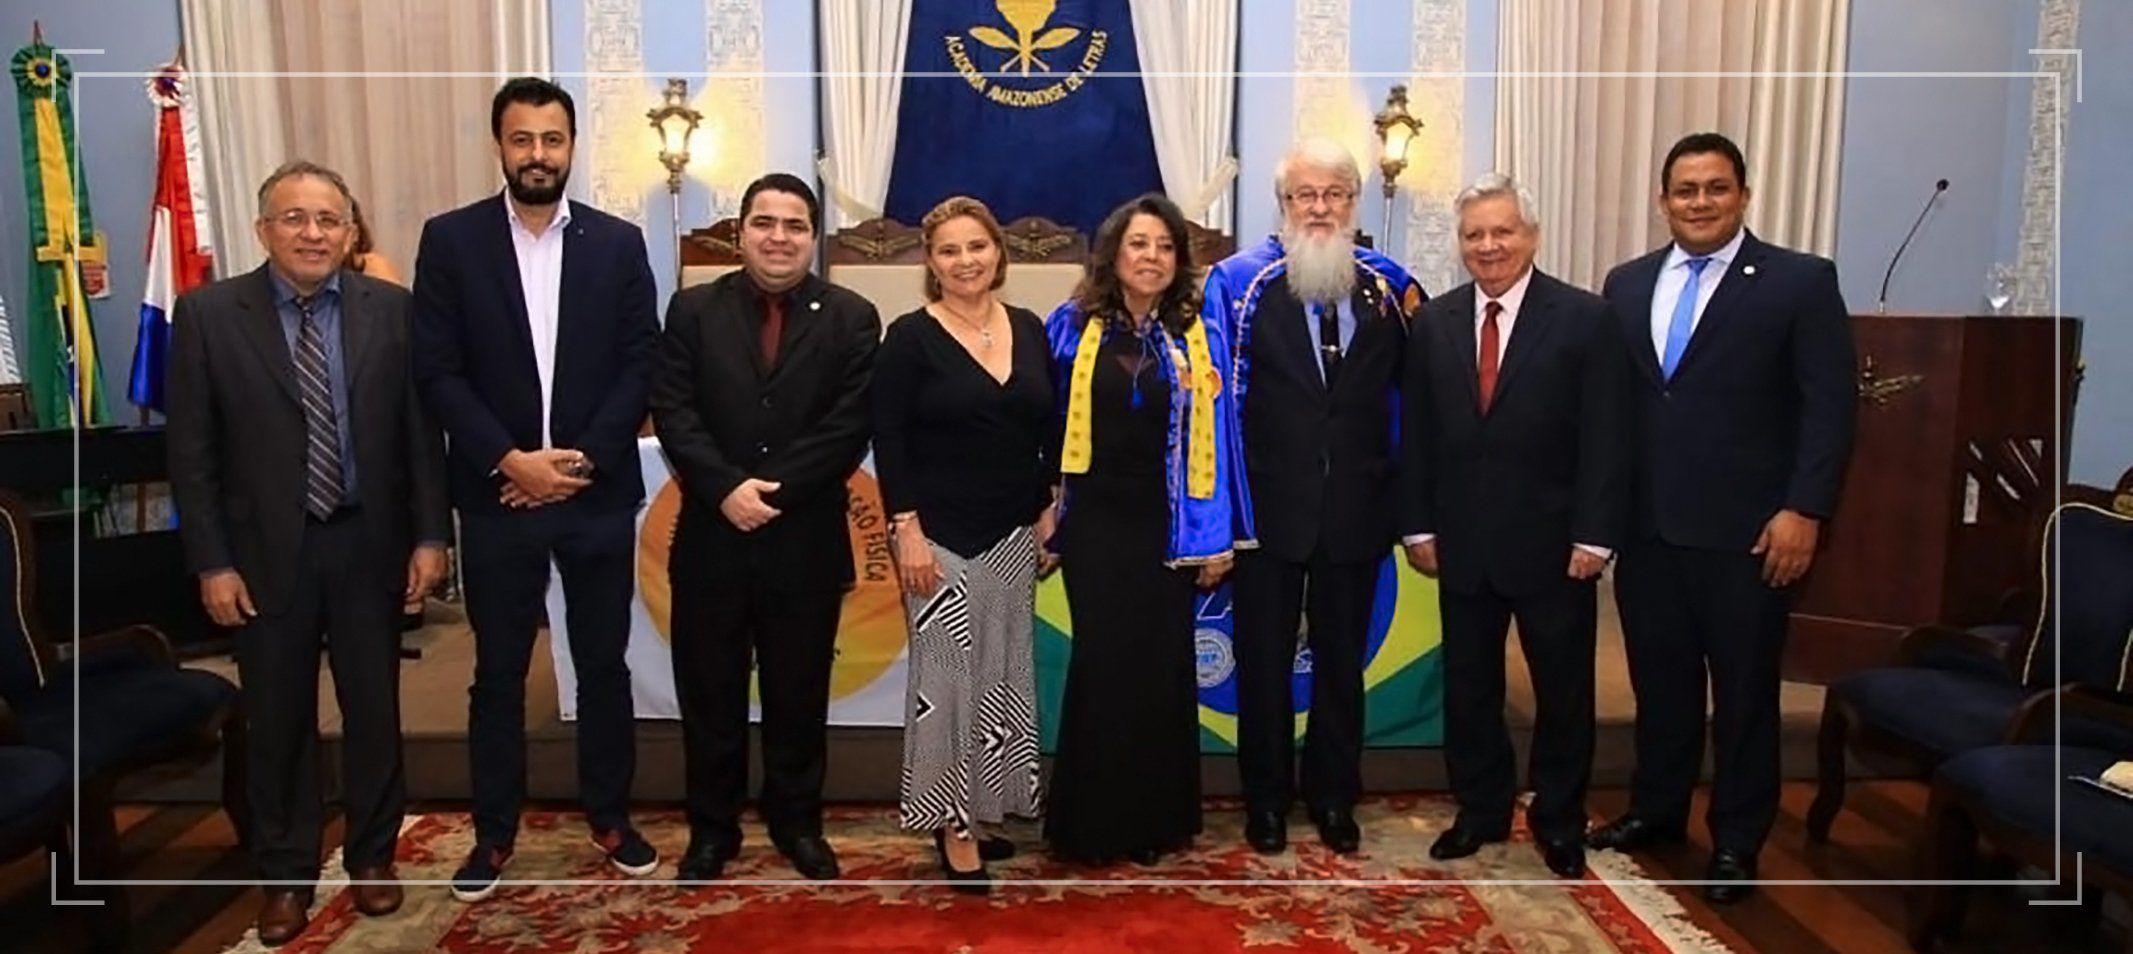 Professora Artemis Soares, titular da Ufam e imortal da AAL, toma posse na Academia Brasileira de Educação Física